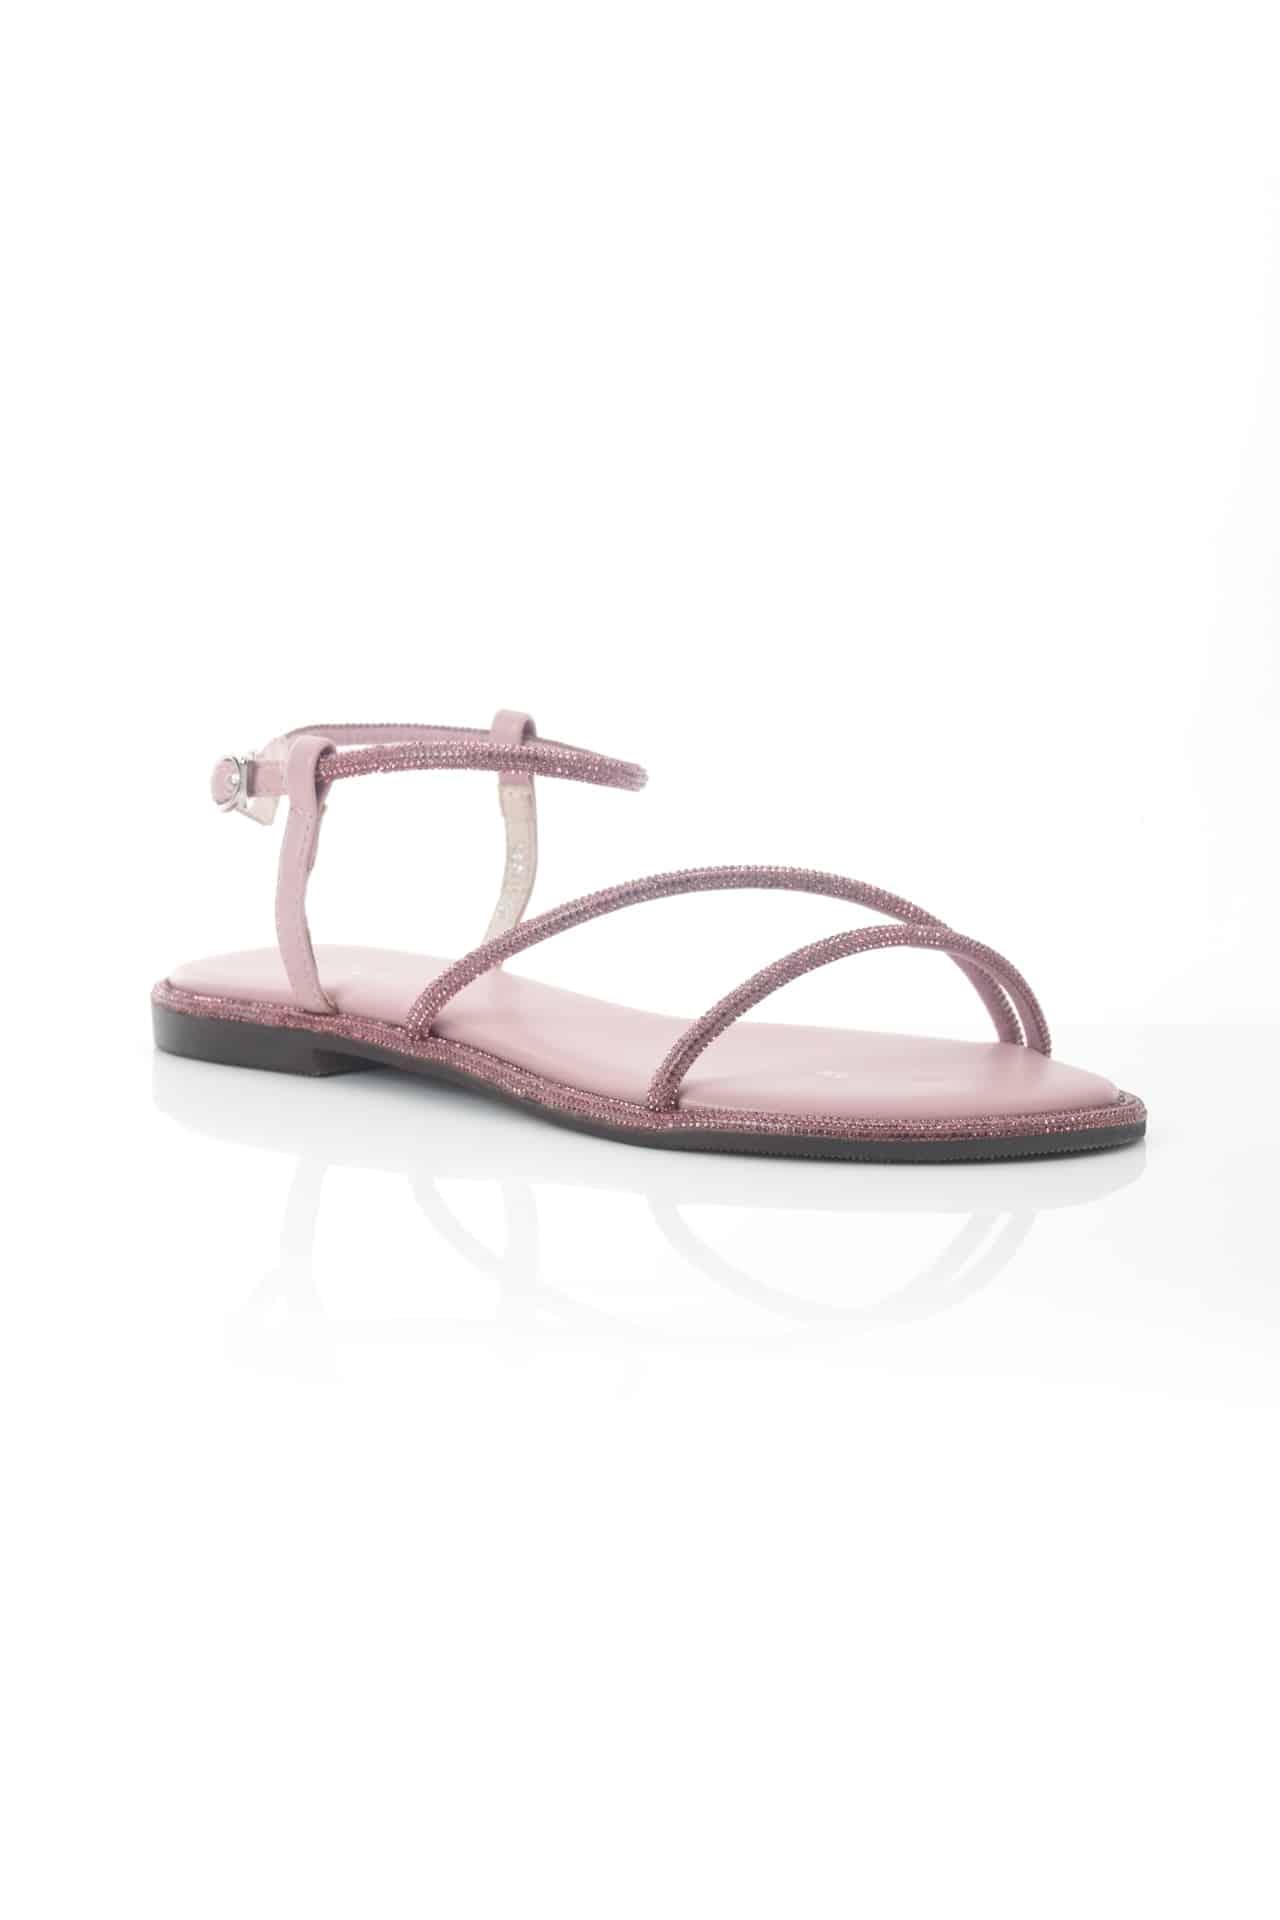 รองเท้ารุ่น Bella สีม่วง 3682-PUR Living dolls รูปภาพ